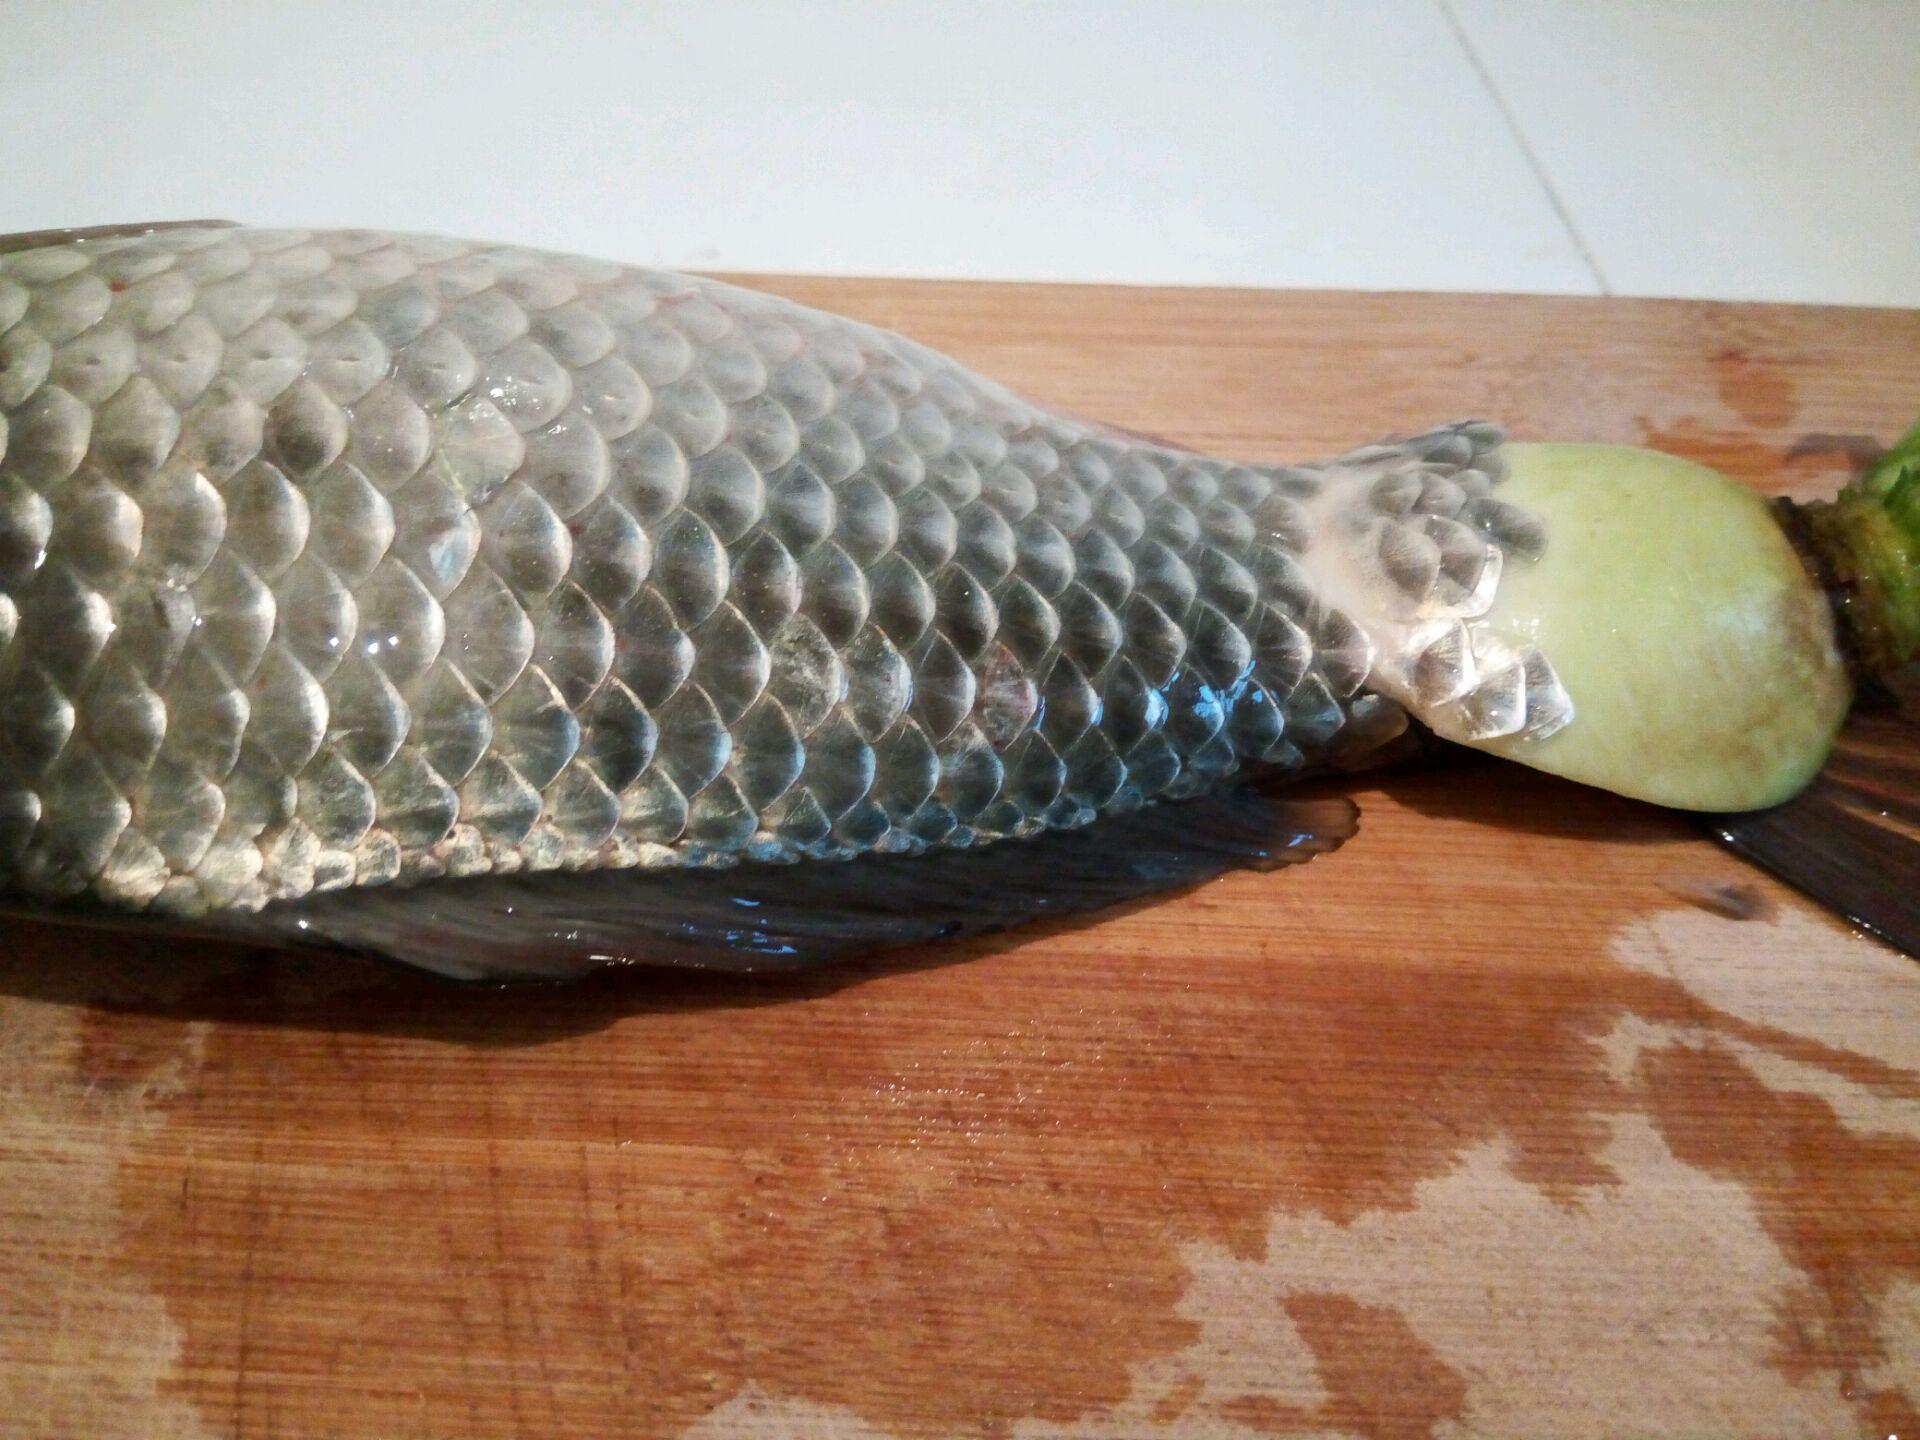 主料 一根 一条 巧用萝卜头去鱼鳞的做法步骤        本菜谱的